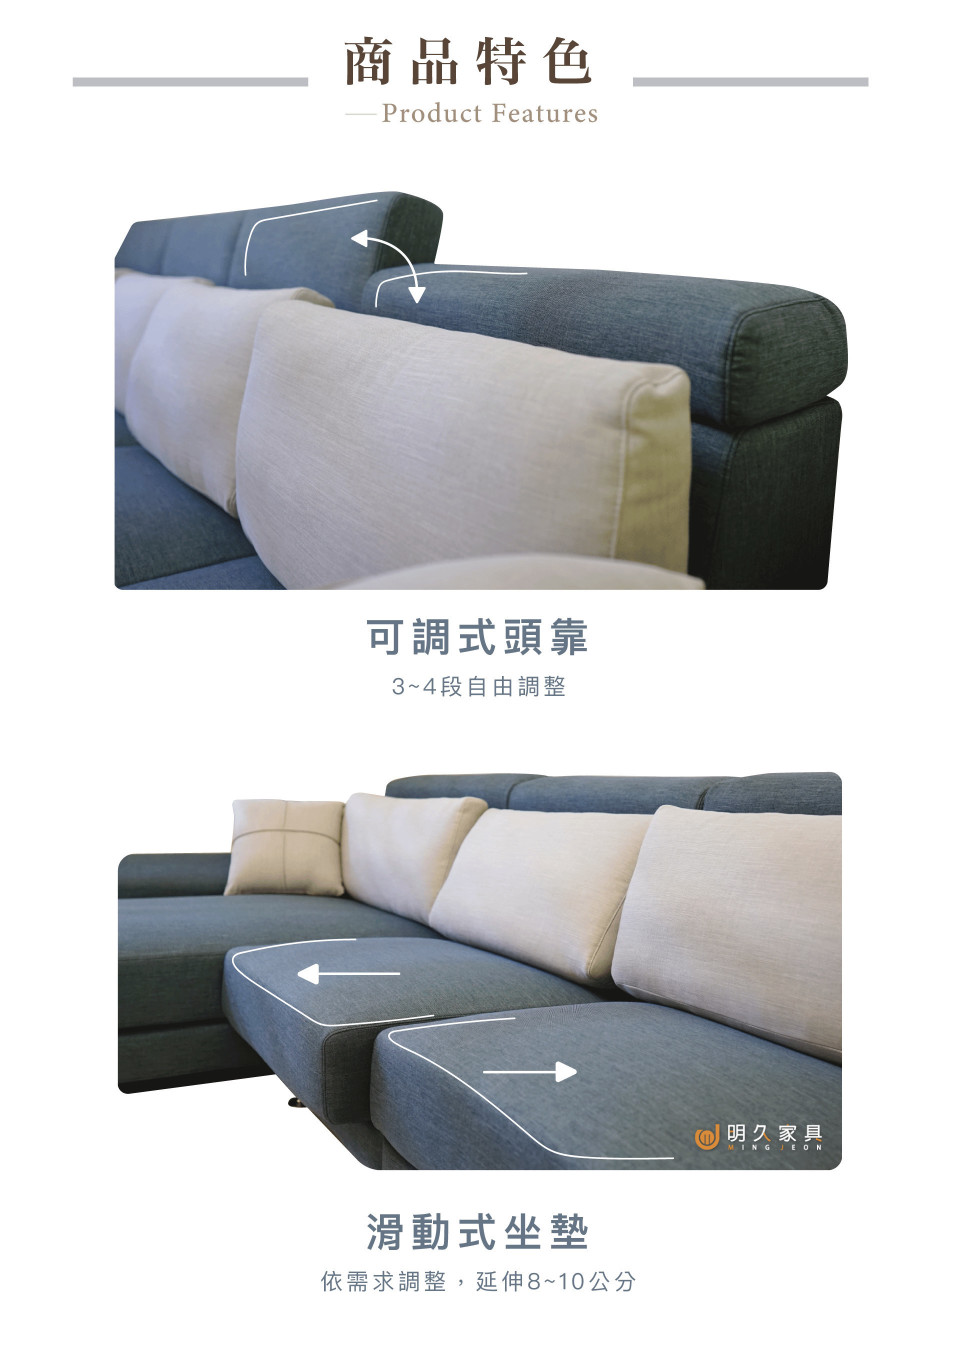 伊芙琳沙發商品特色:可調式頭靠、滑動式坐墊